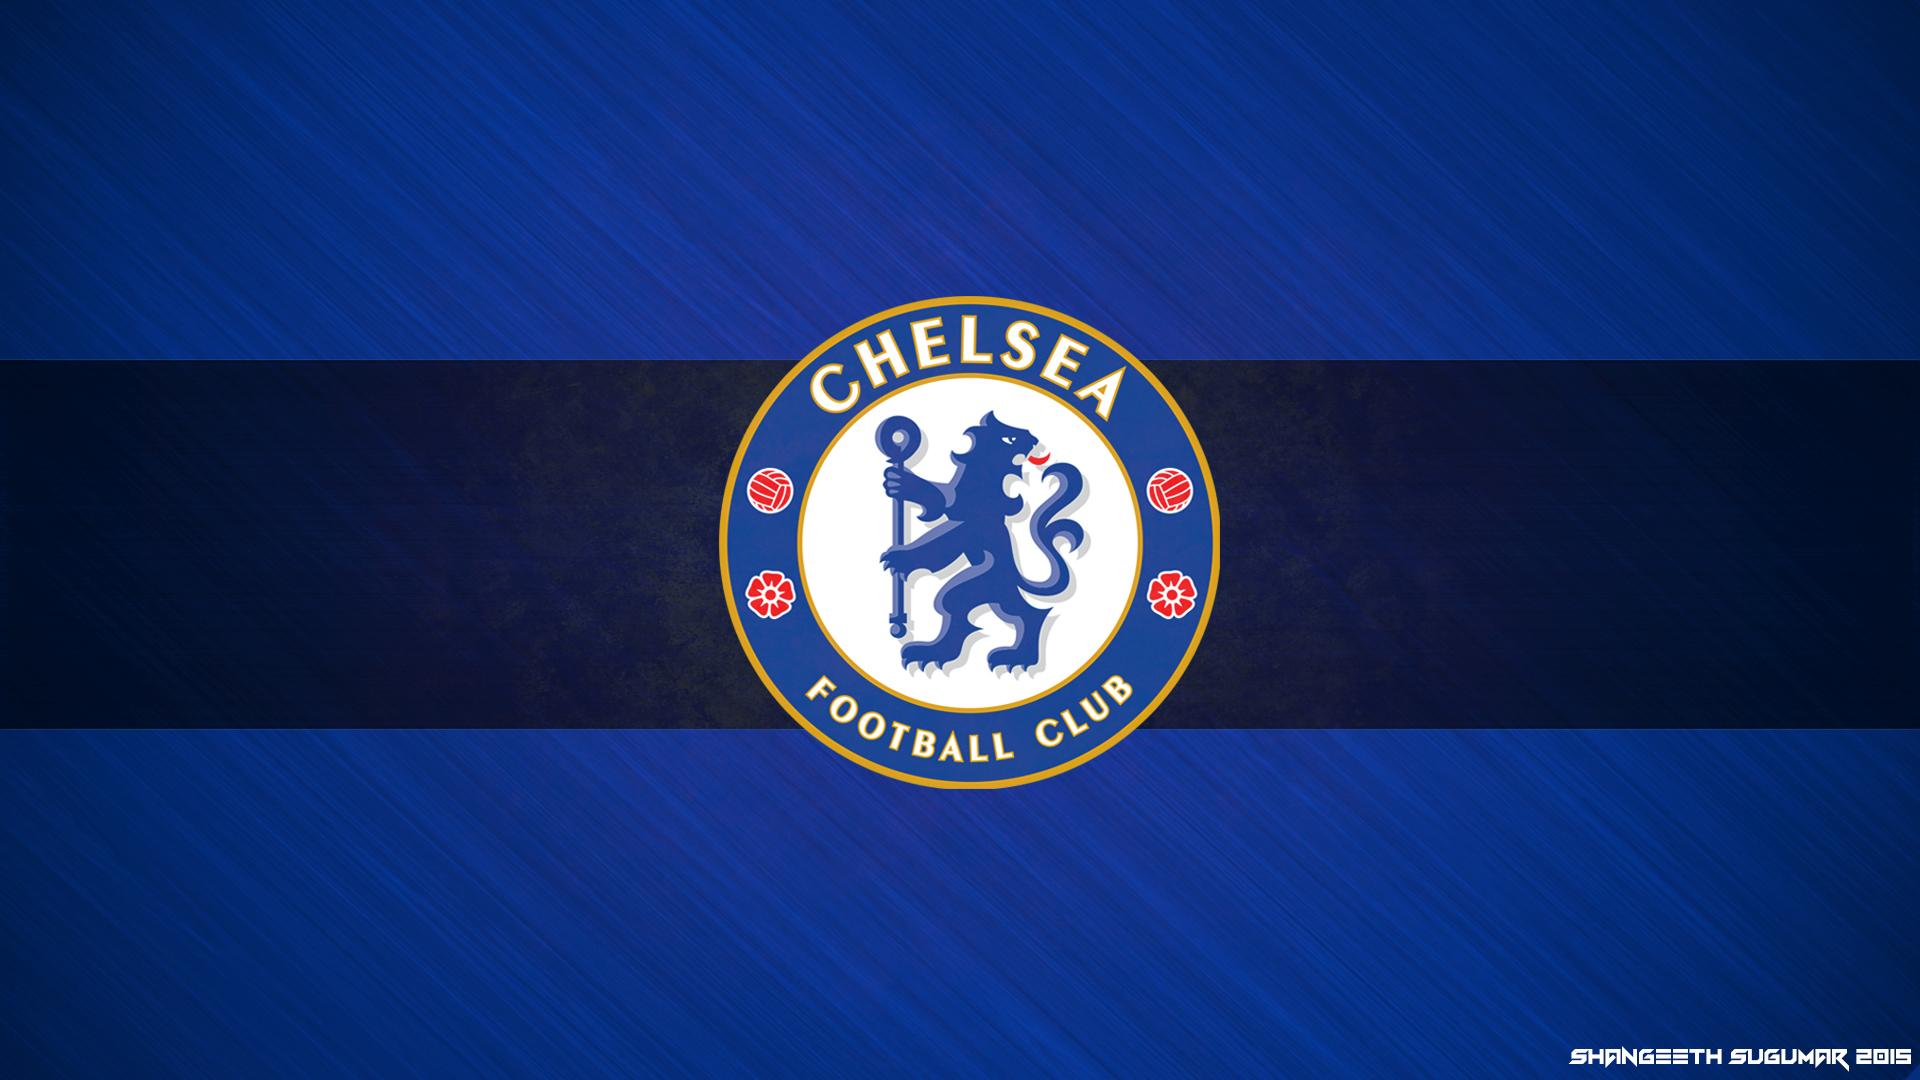 Memainkan Posisi Penting, 3 Pemain Muda ini Akan Jadi Benteng Kuat Untuk Chelsea FC.